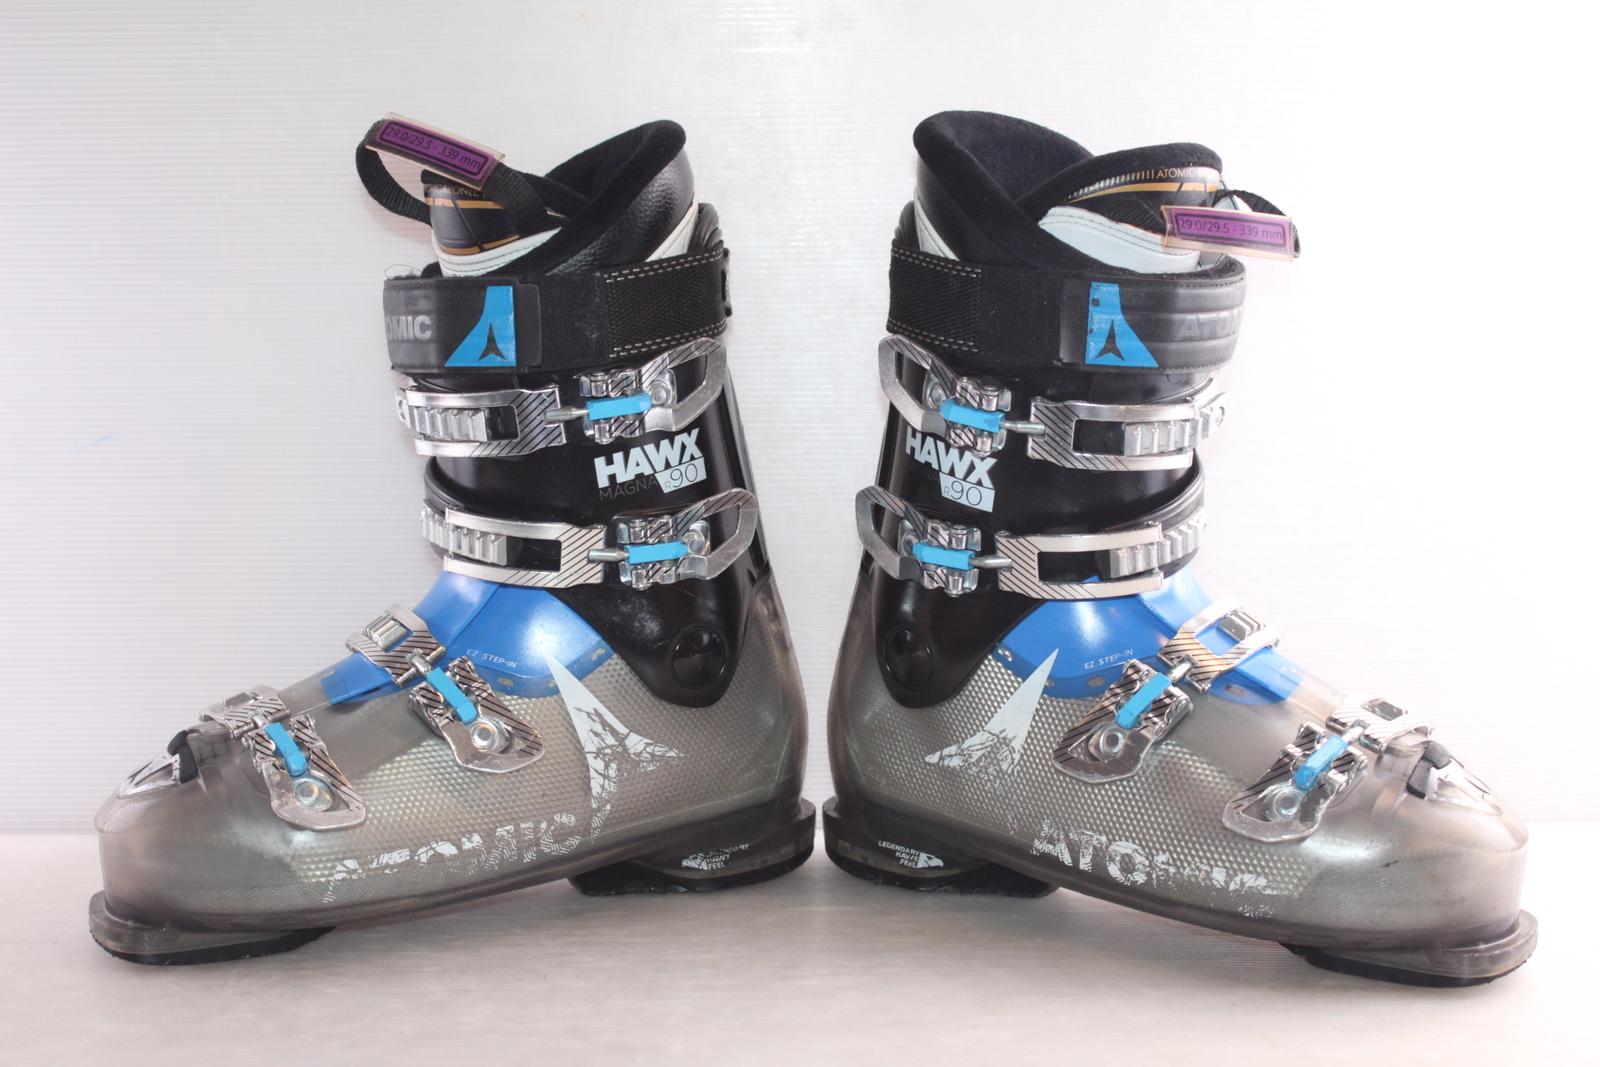 Lyžařské boty Atomic Hawx Magna R90 vel. EU45 flexe 90